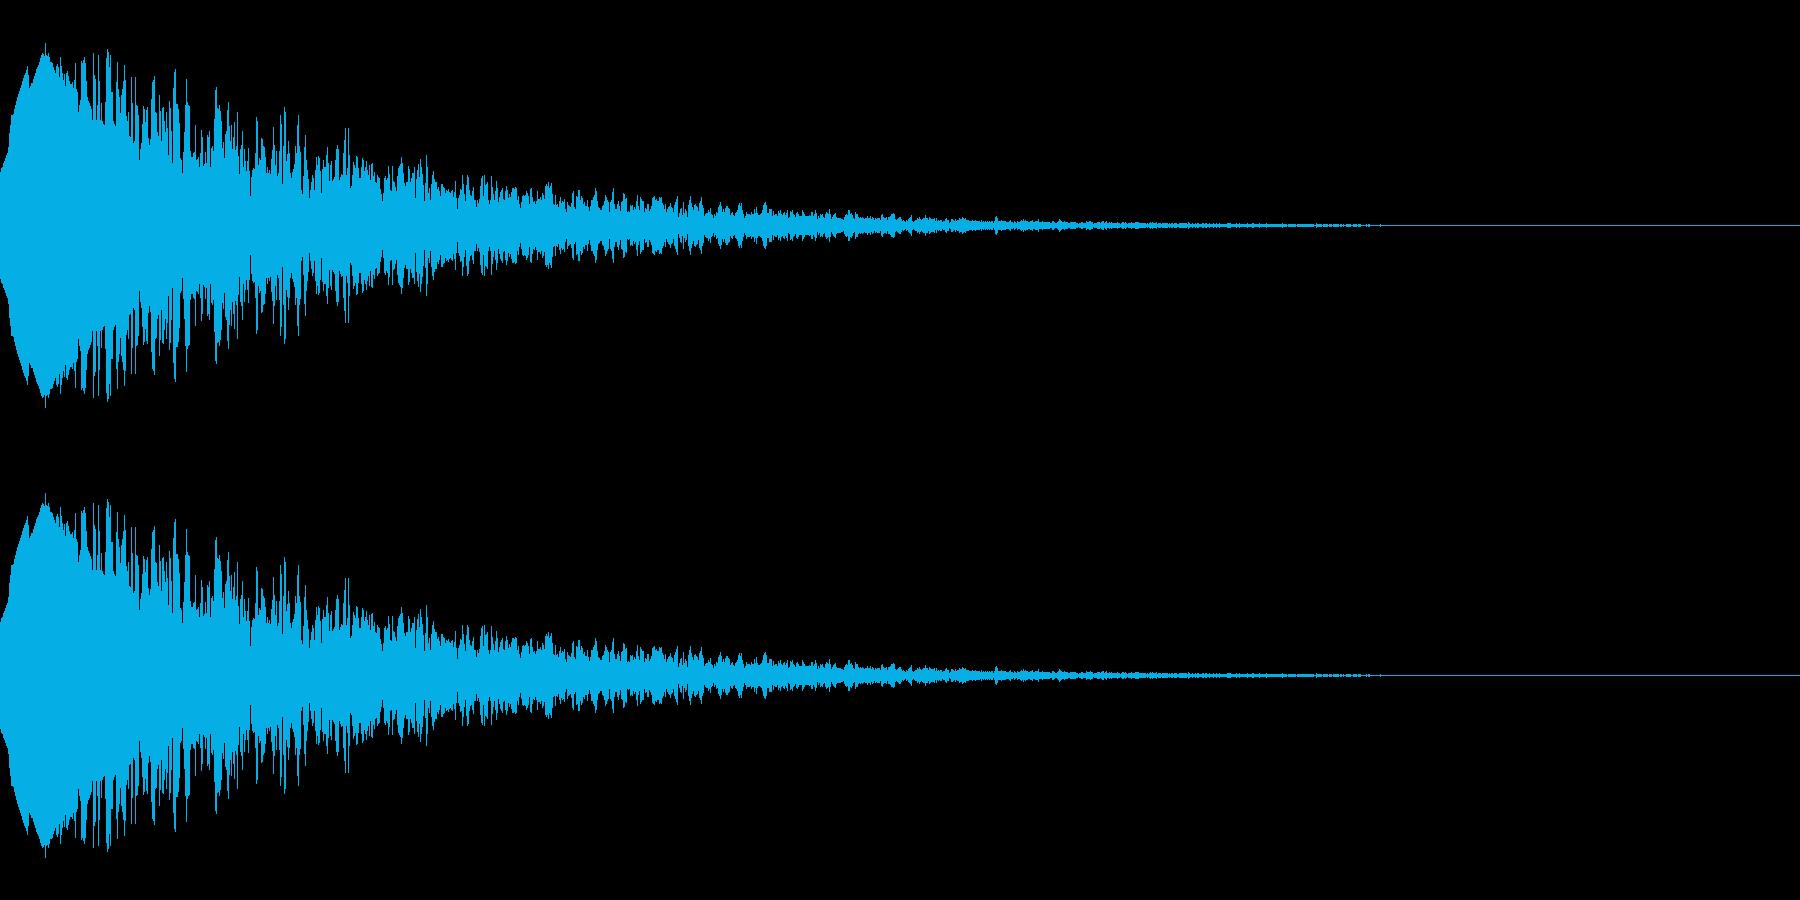 流れ星のような効果音(キラキラ/落下)の再生済みの波形